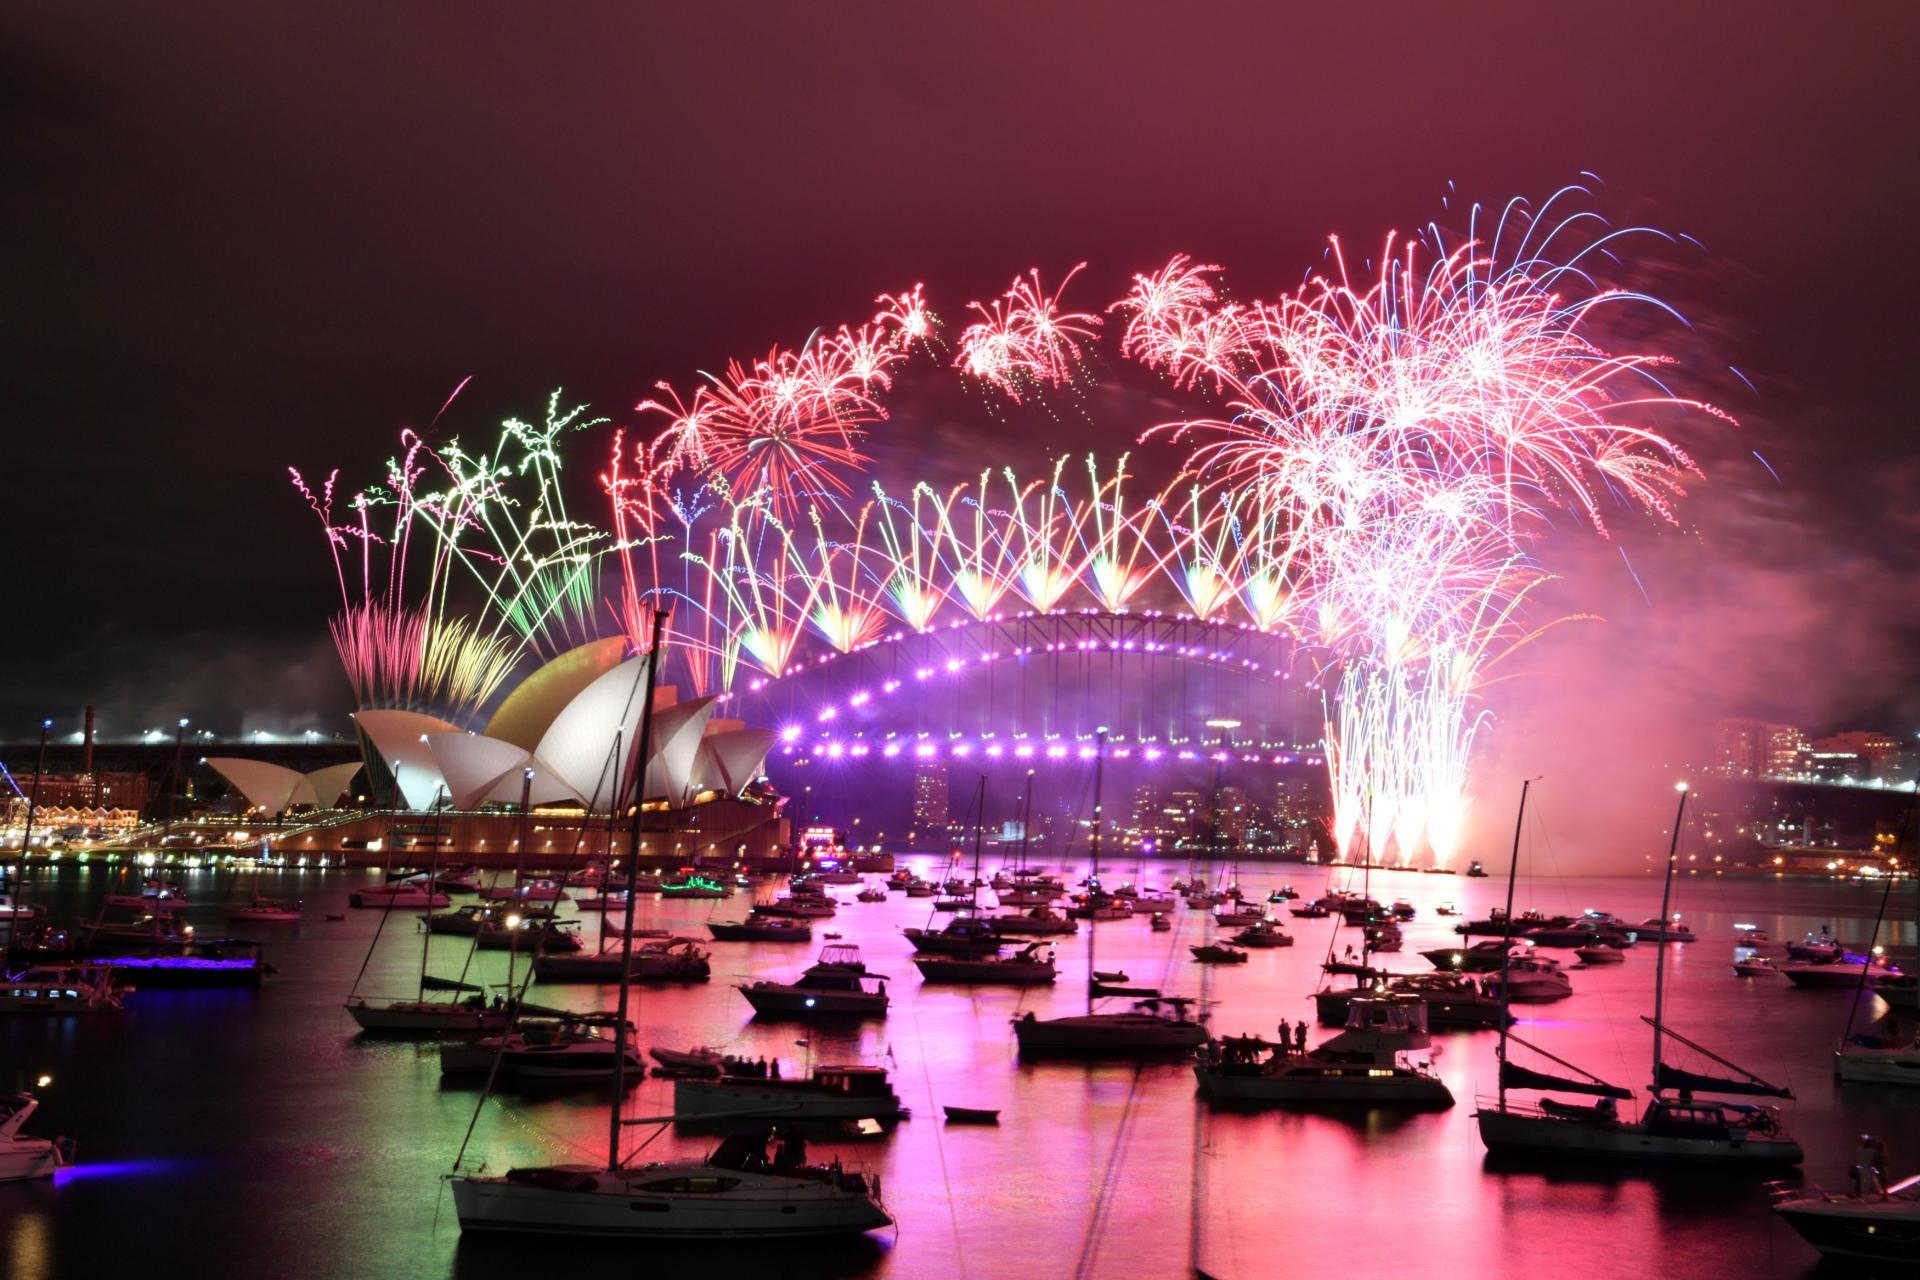 در تعطیلات سال نو کاهش یافته در سال نو در استرالیا ، در تاریخ 1 ژانویه ، آتش بازی بر فراز خانه اپرای سیدنی و پل بندر سیدنی منفجر می شود.